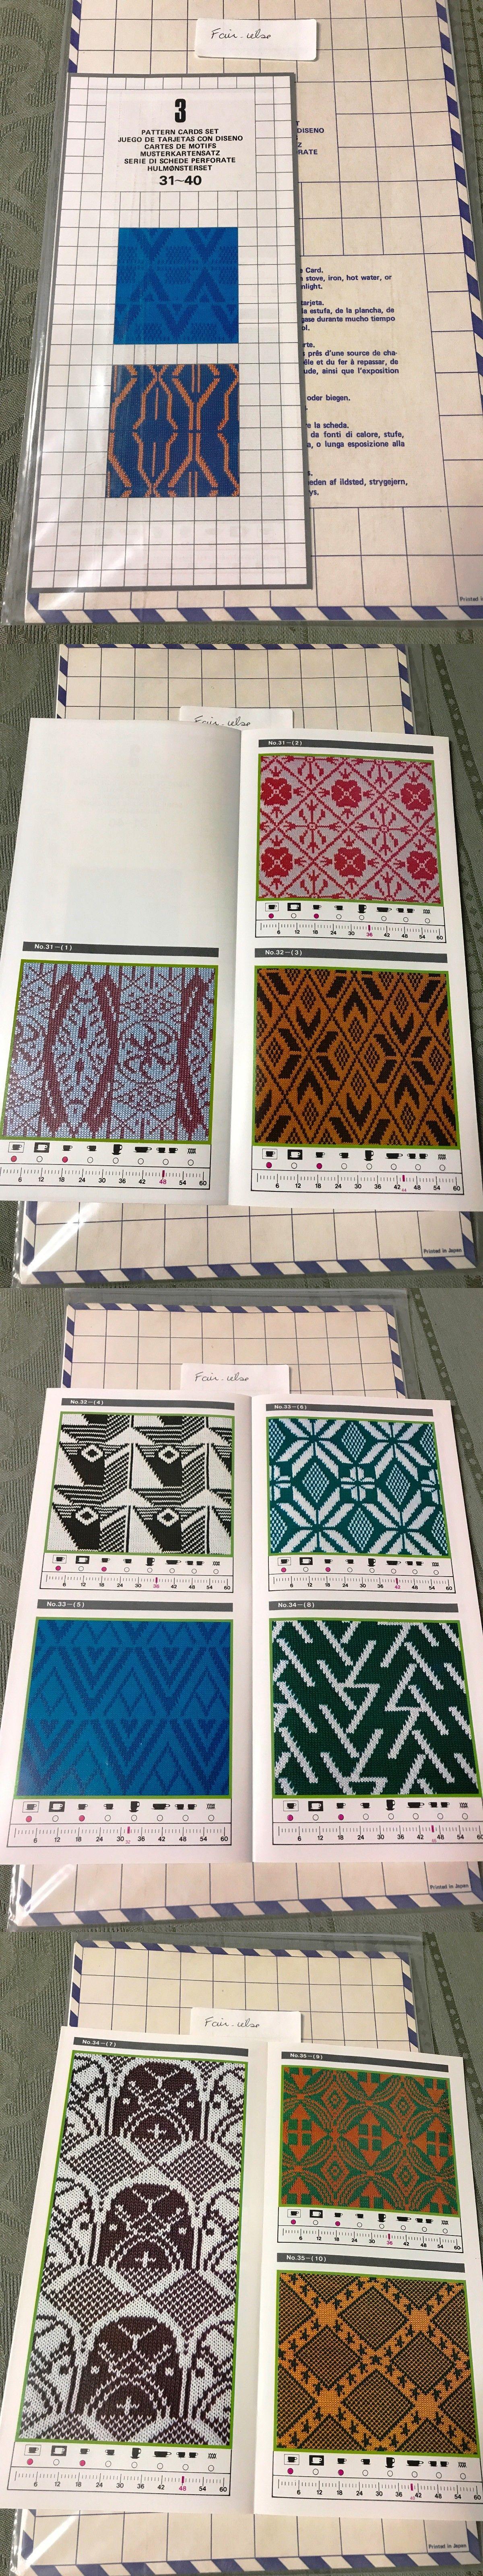 Machine Knitting Patterns 146375: Singer Studio Ec1 Electronic ...